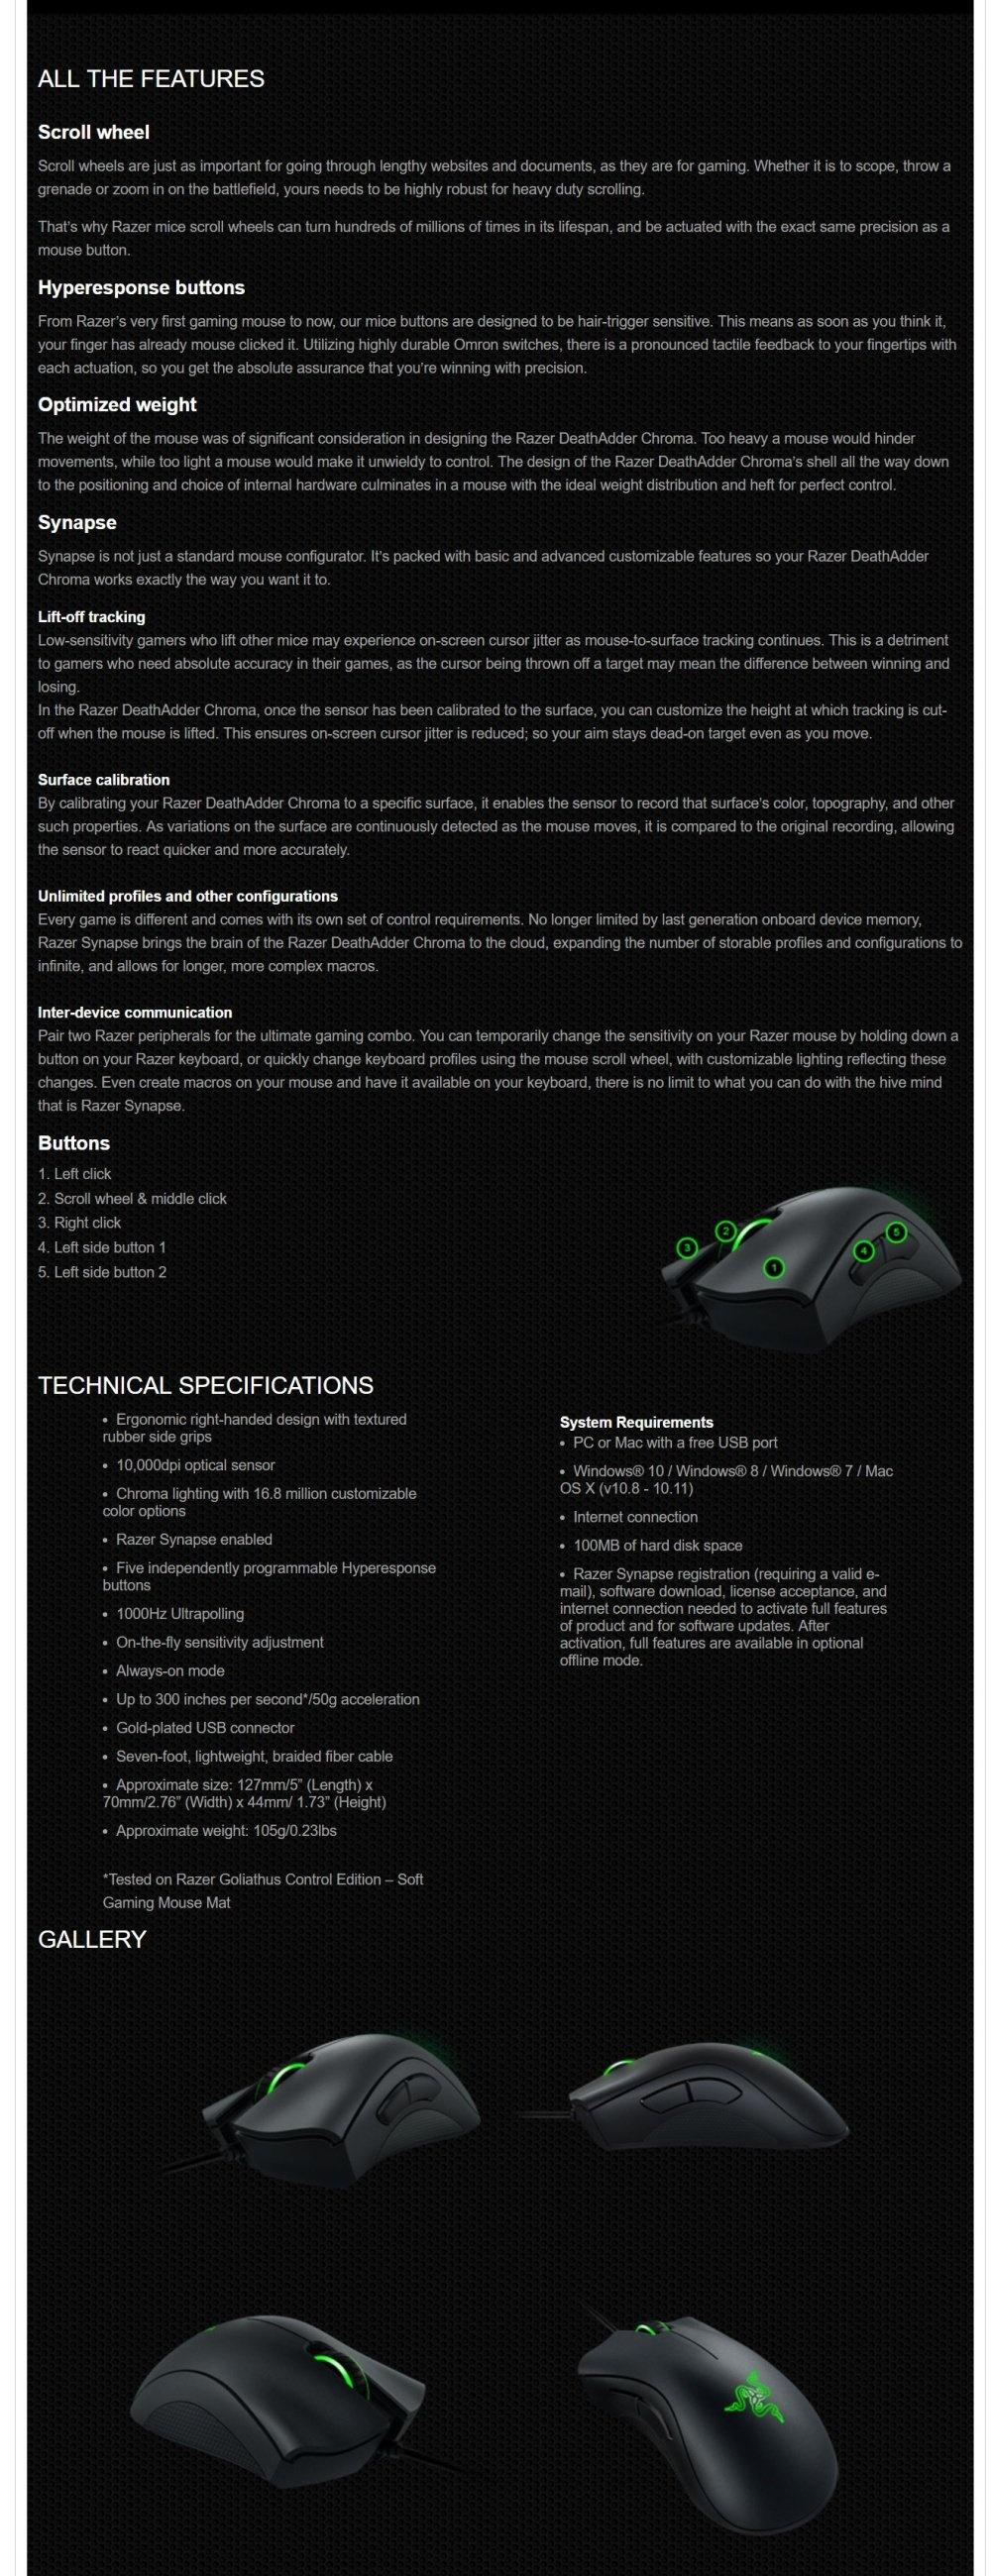 Hot Sell Razer DeathAdder Chroma Multi-Color Ergonomic Gaming MouseRazer  DeathAdder Chroma Multi-Color Ergonomic Gaming Mouse - intl Singapore